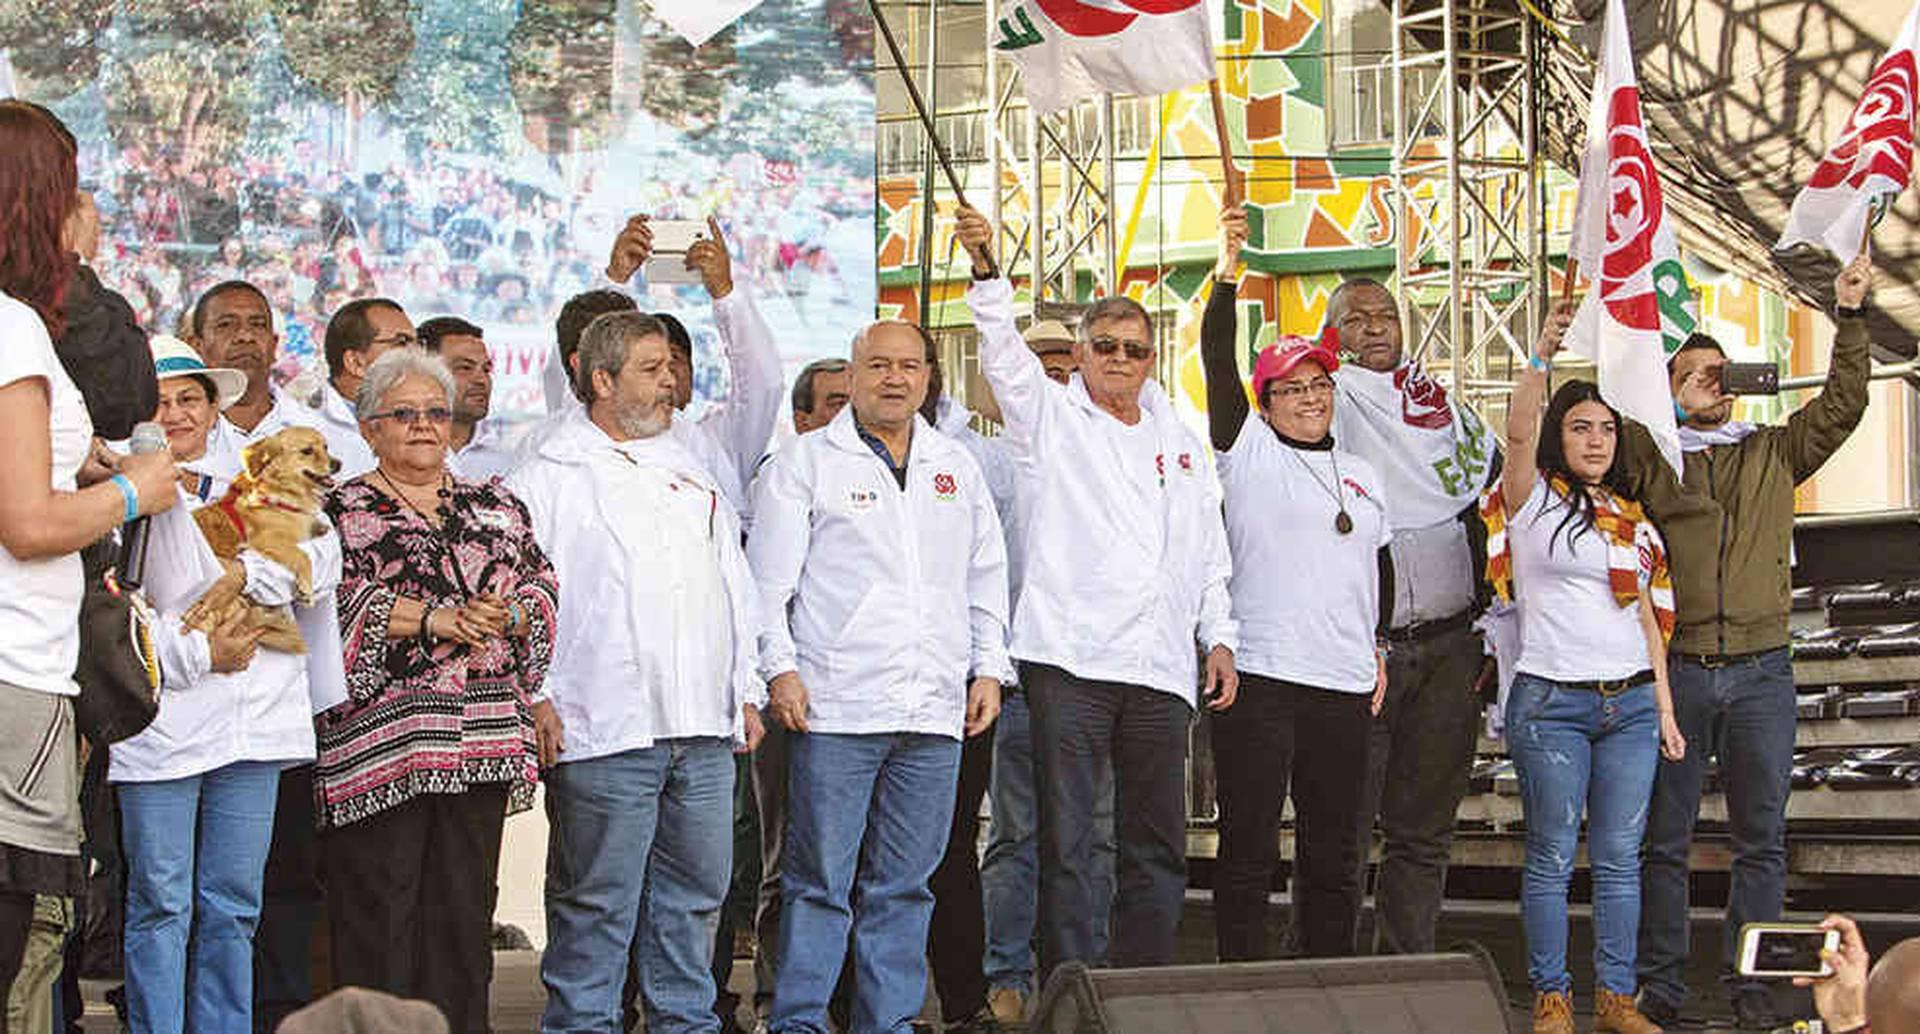 En esta contienda electoral el partido de la rosa roja buscará quitarse el estigma de guerrilleros con el que los colombianos aún lo identifican.